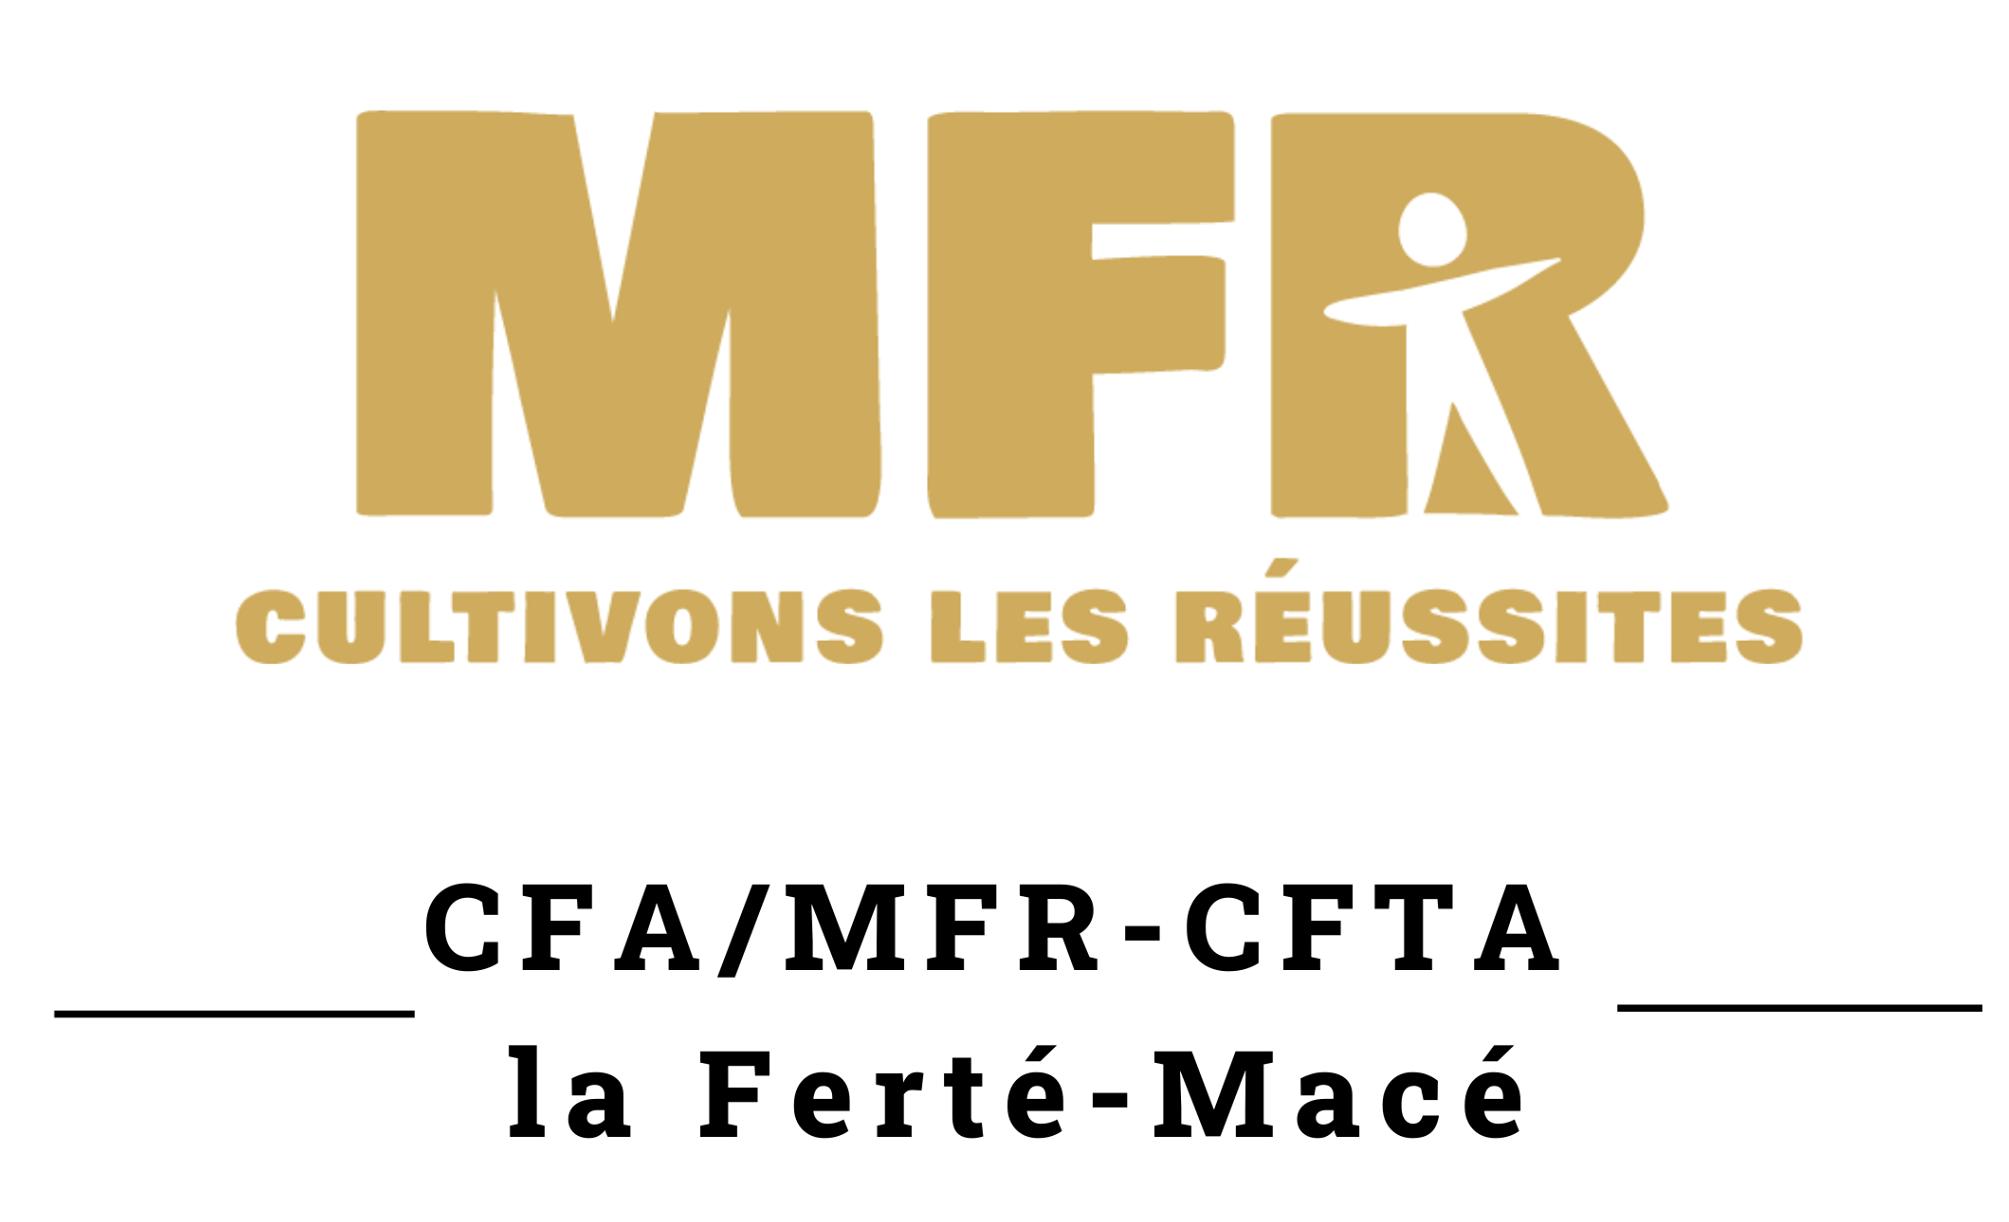 MFR LA FERTE MACE